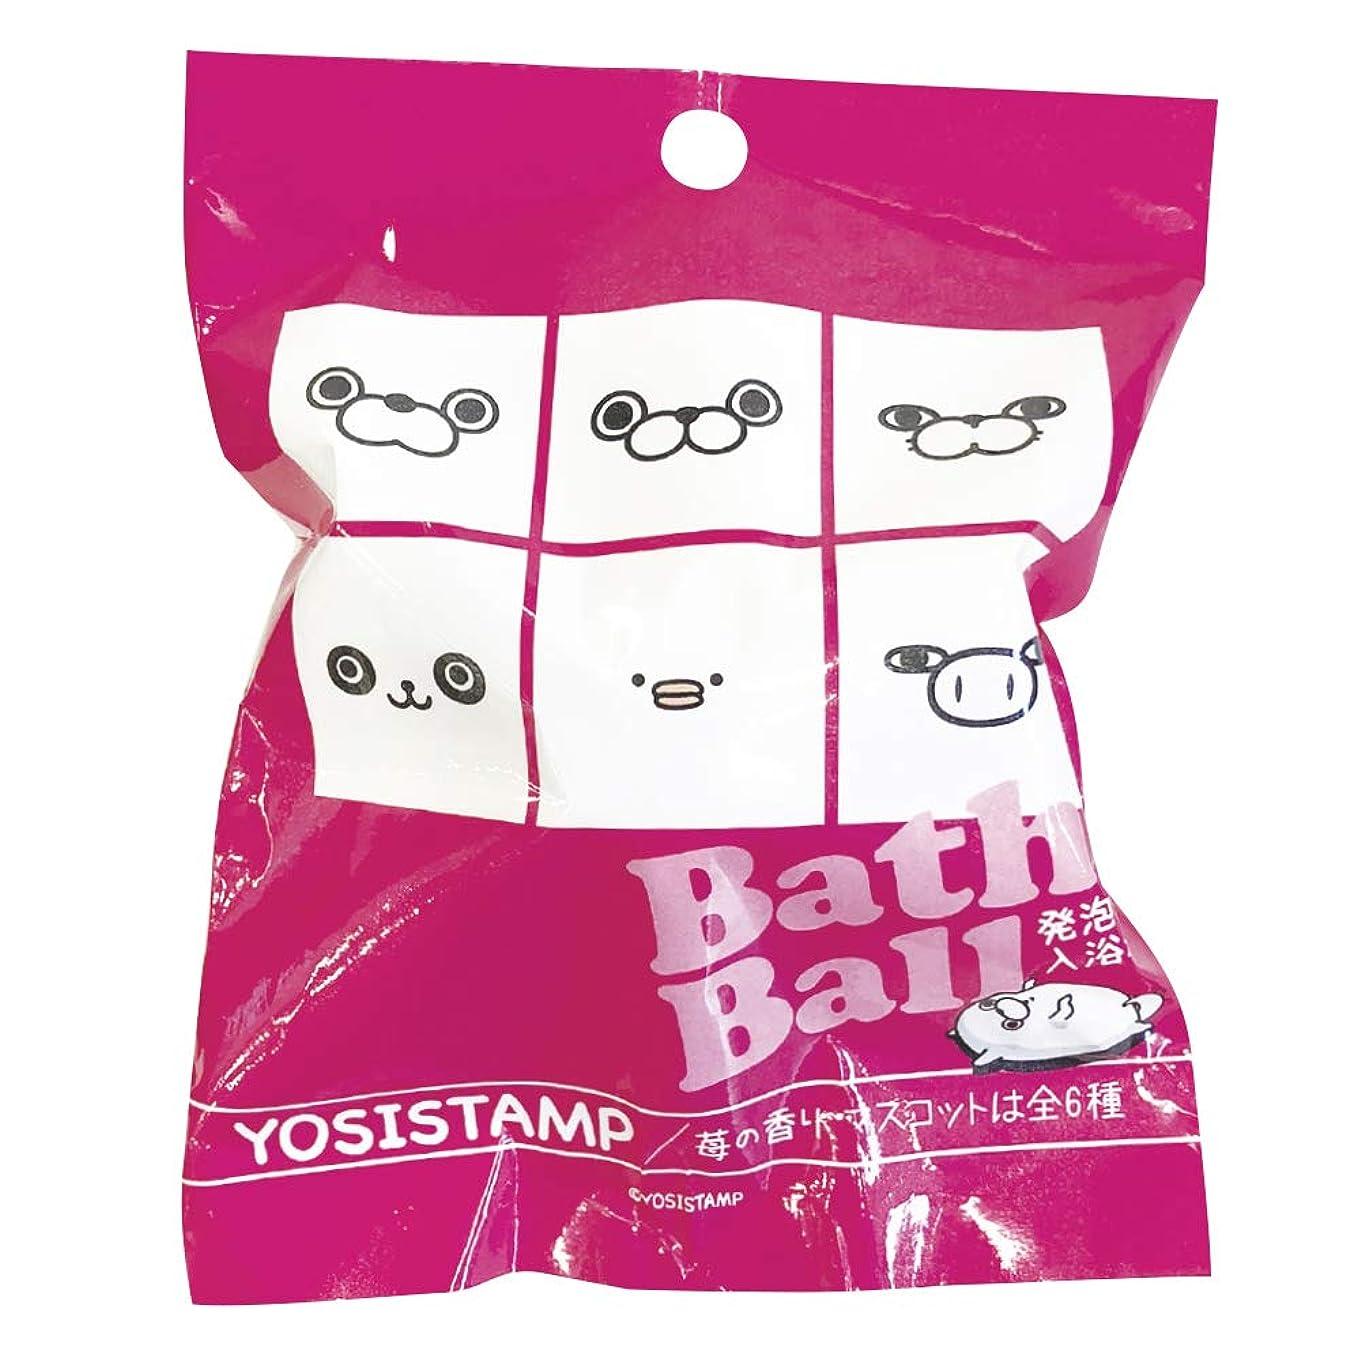 半球検索エンジン最適化毎週ヨッシースタンプ 入浴剤 バスボール おまけ付き イチゴの香り ABD-004-002